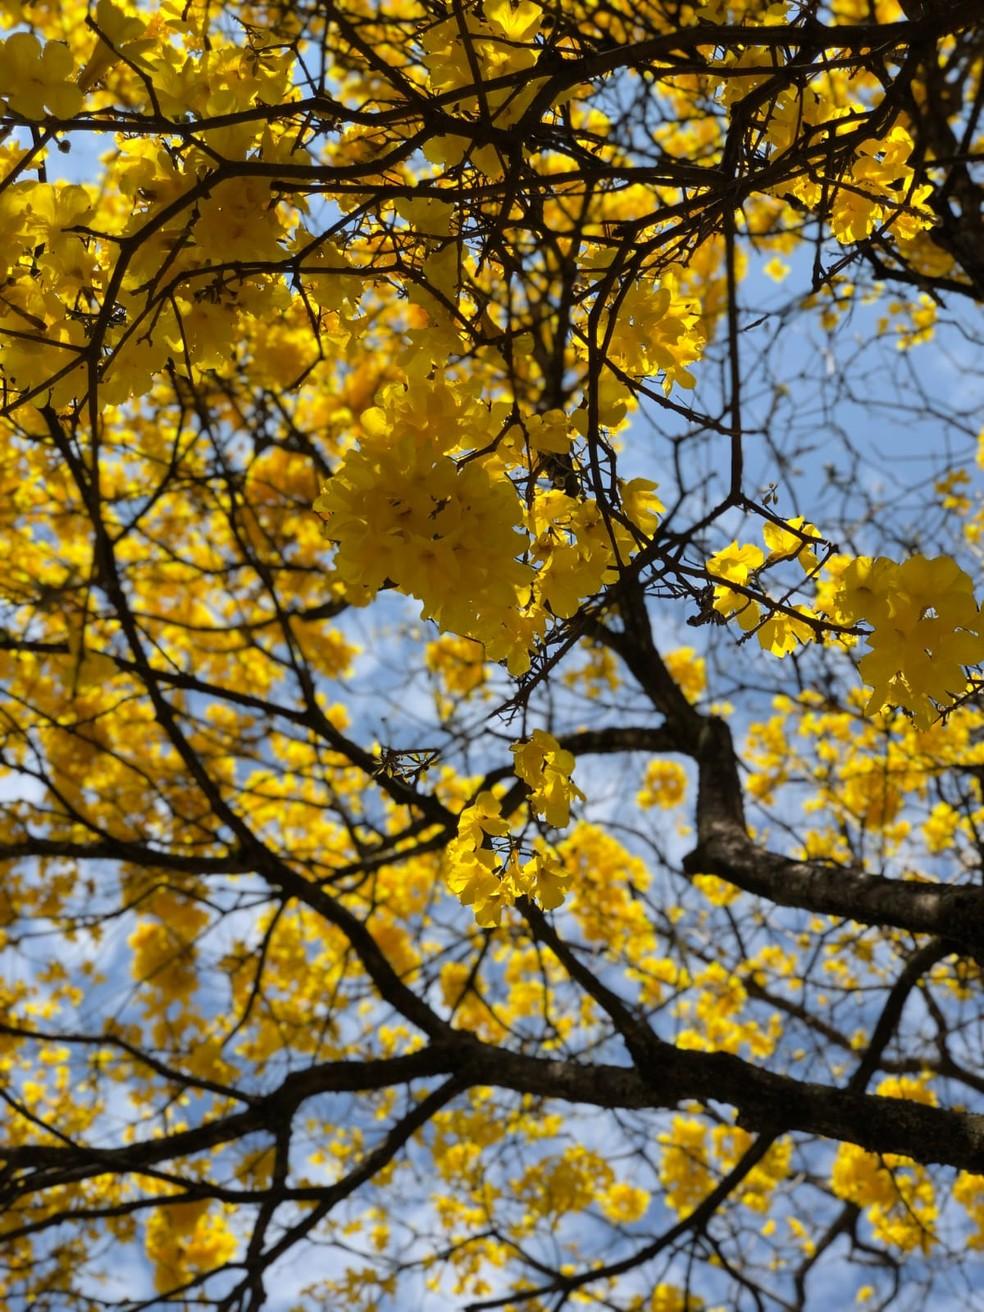 Flores e folhas do Ipê possuem ação anti-inflamatória e cicatrizante — Foto: Bell Villanova